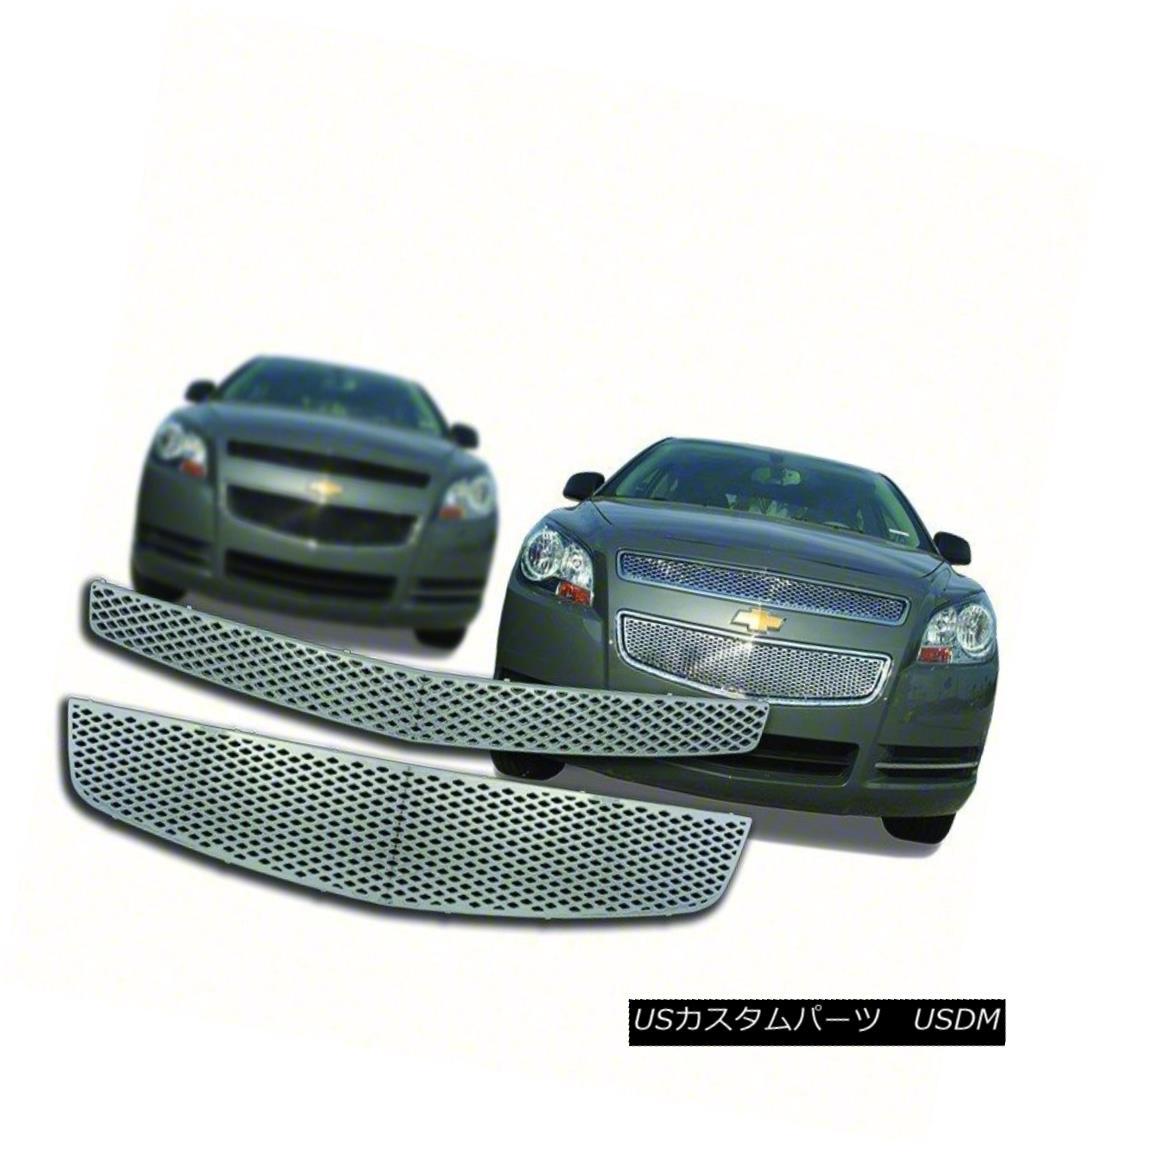 グリル Chrome Grille Overlay for 2008-2012 Chevrolet Malibu - IWCGI68 2008-2012シボレーマリブのためのクロームグリルオーバレイ - IWCGI68